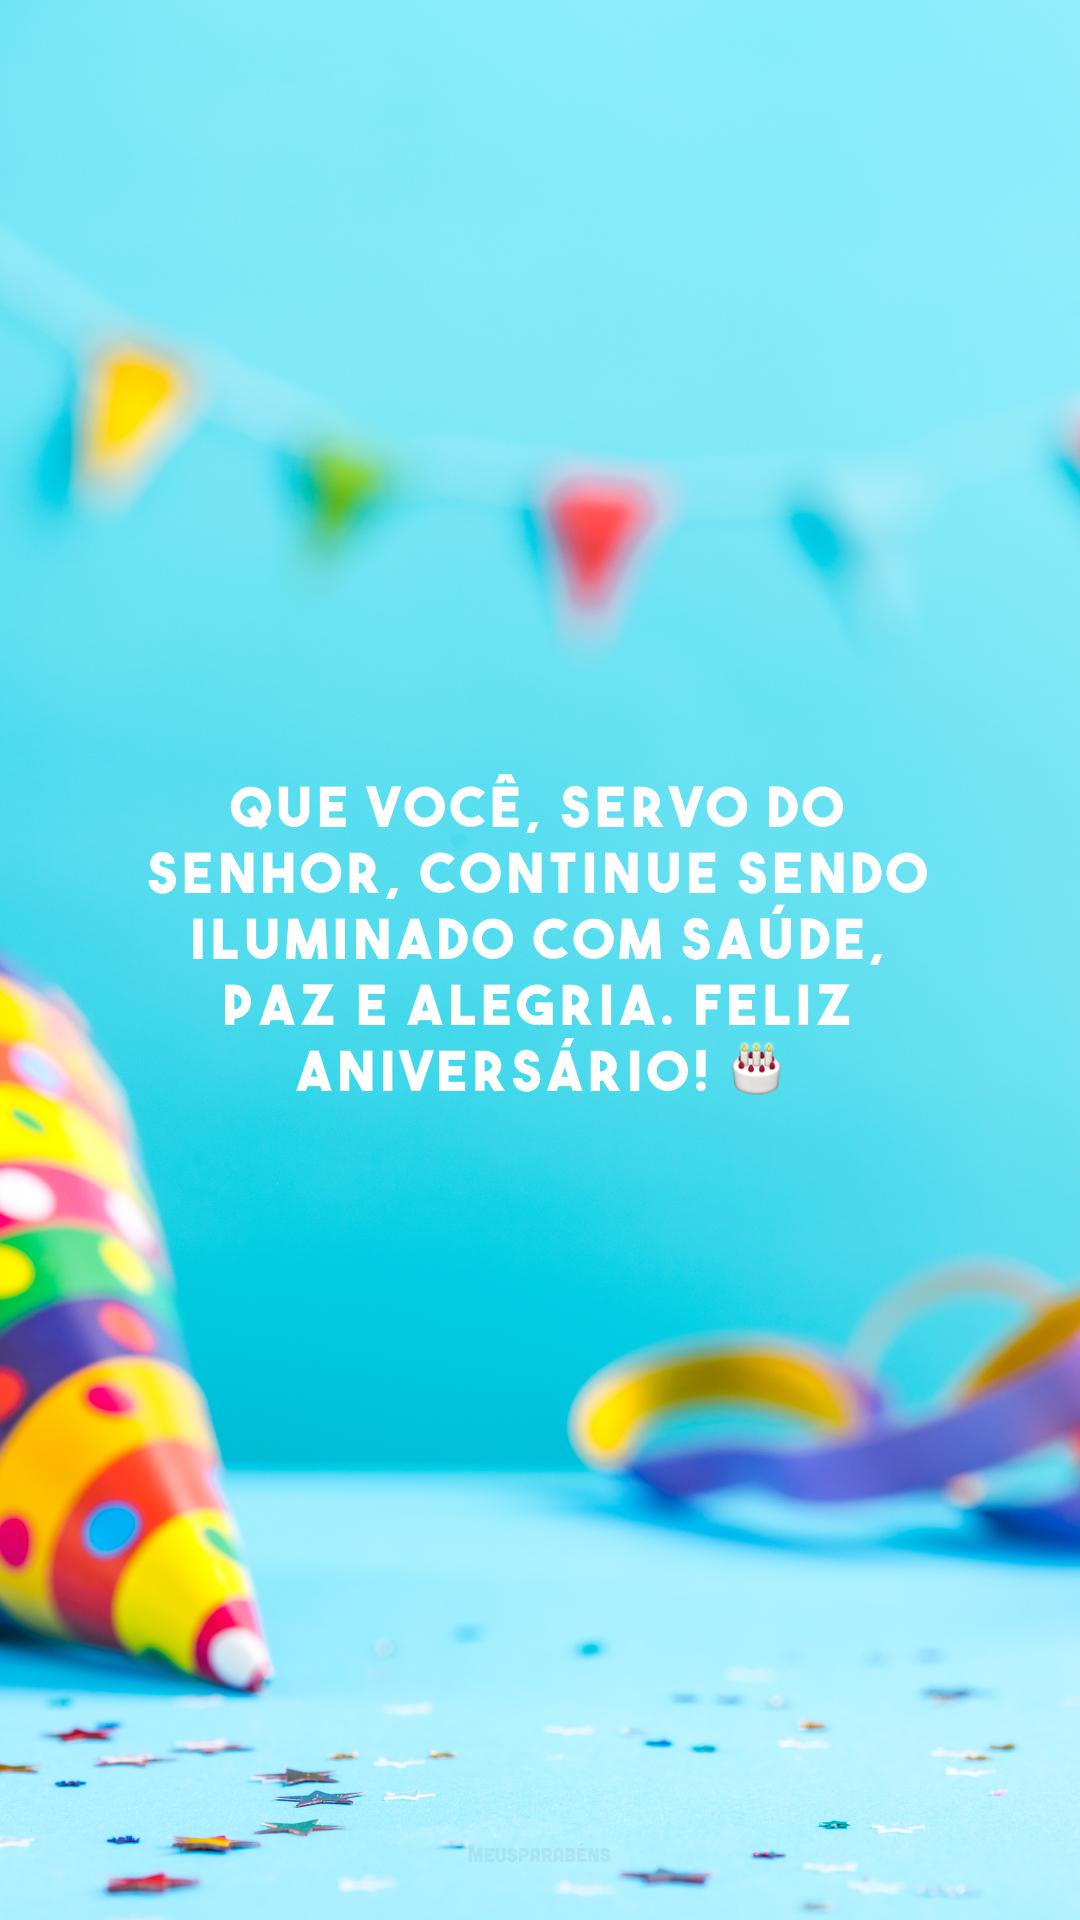 Que você, servo do Senhor, continue sendo iluminado com saúde, paz e alegria. Feliz aniversário! 🎂